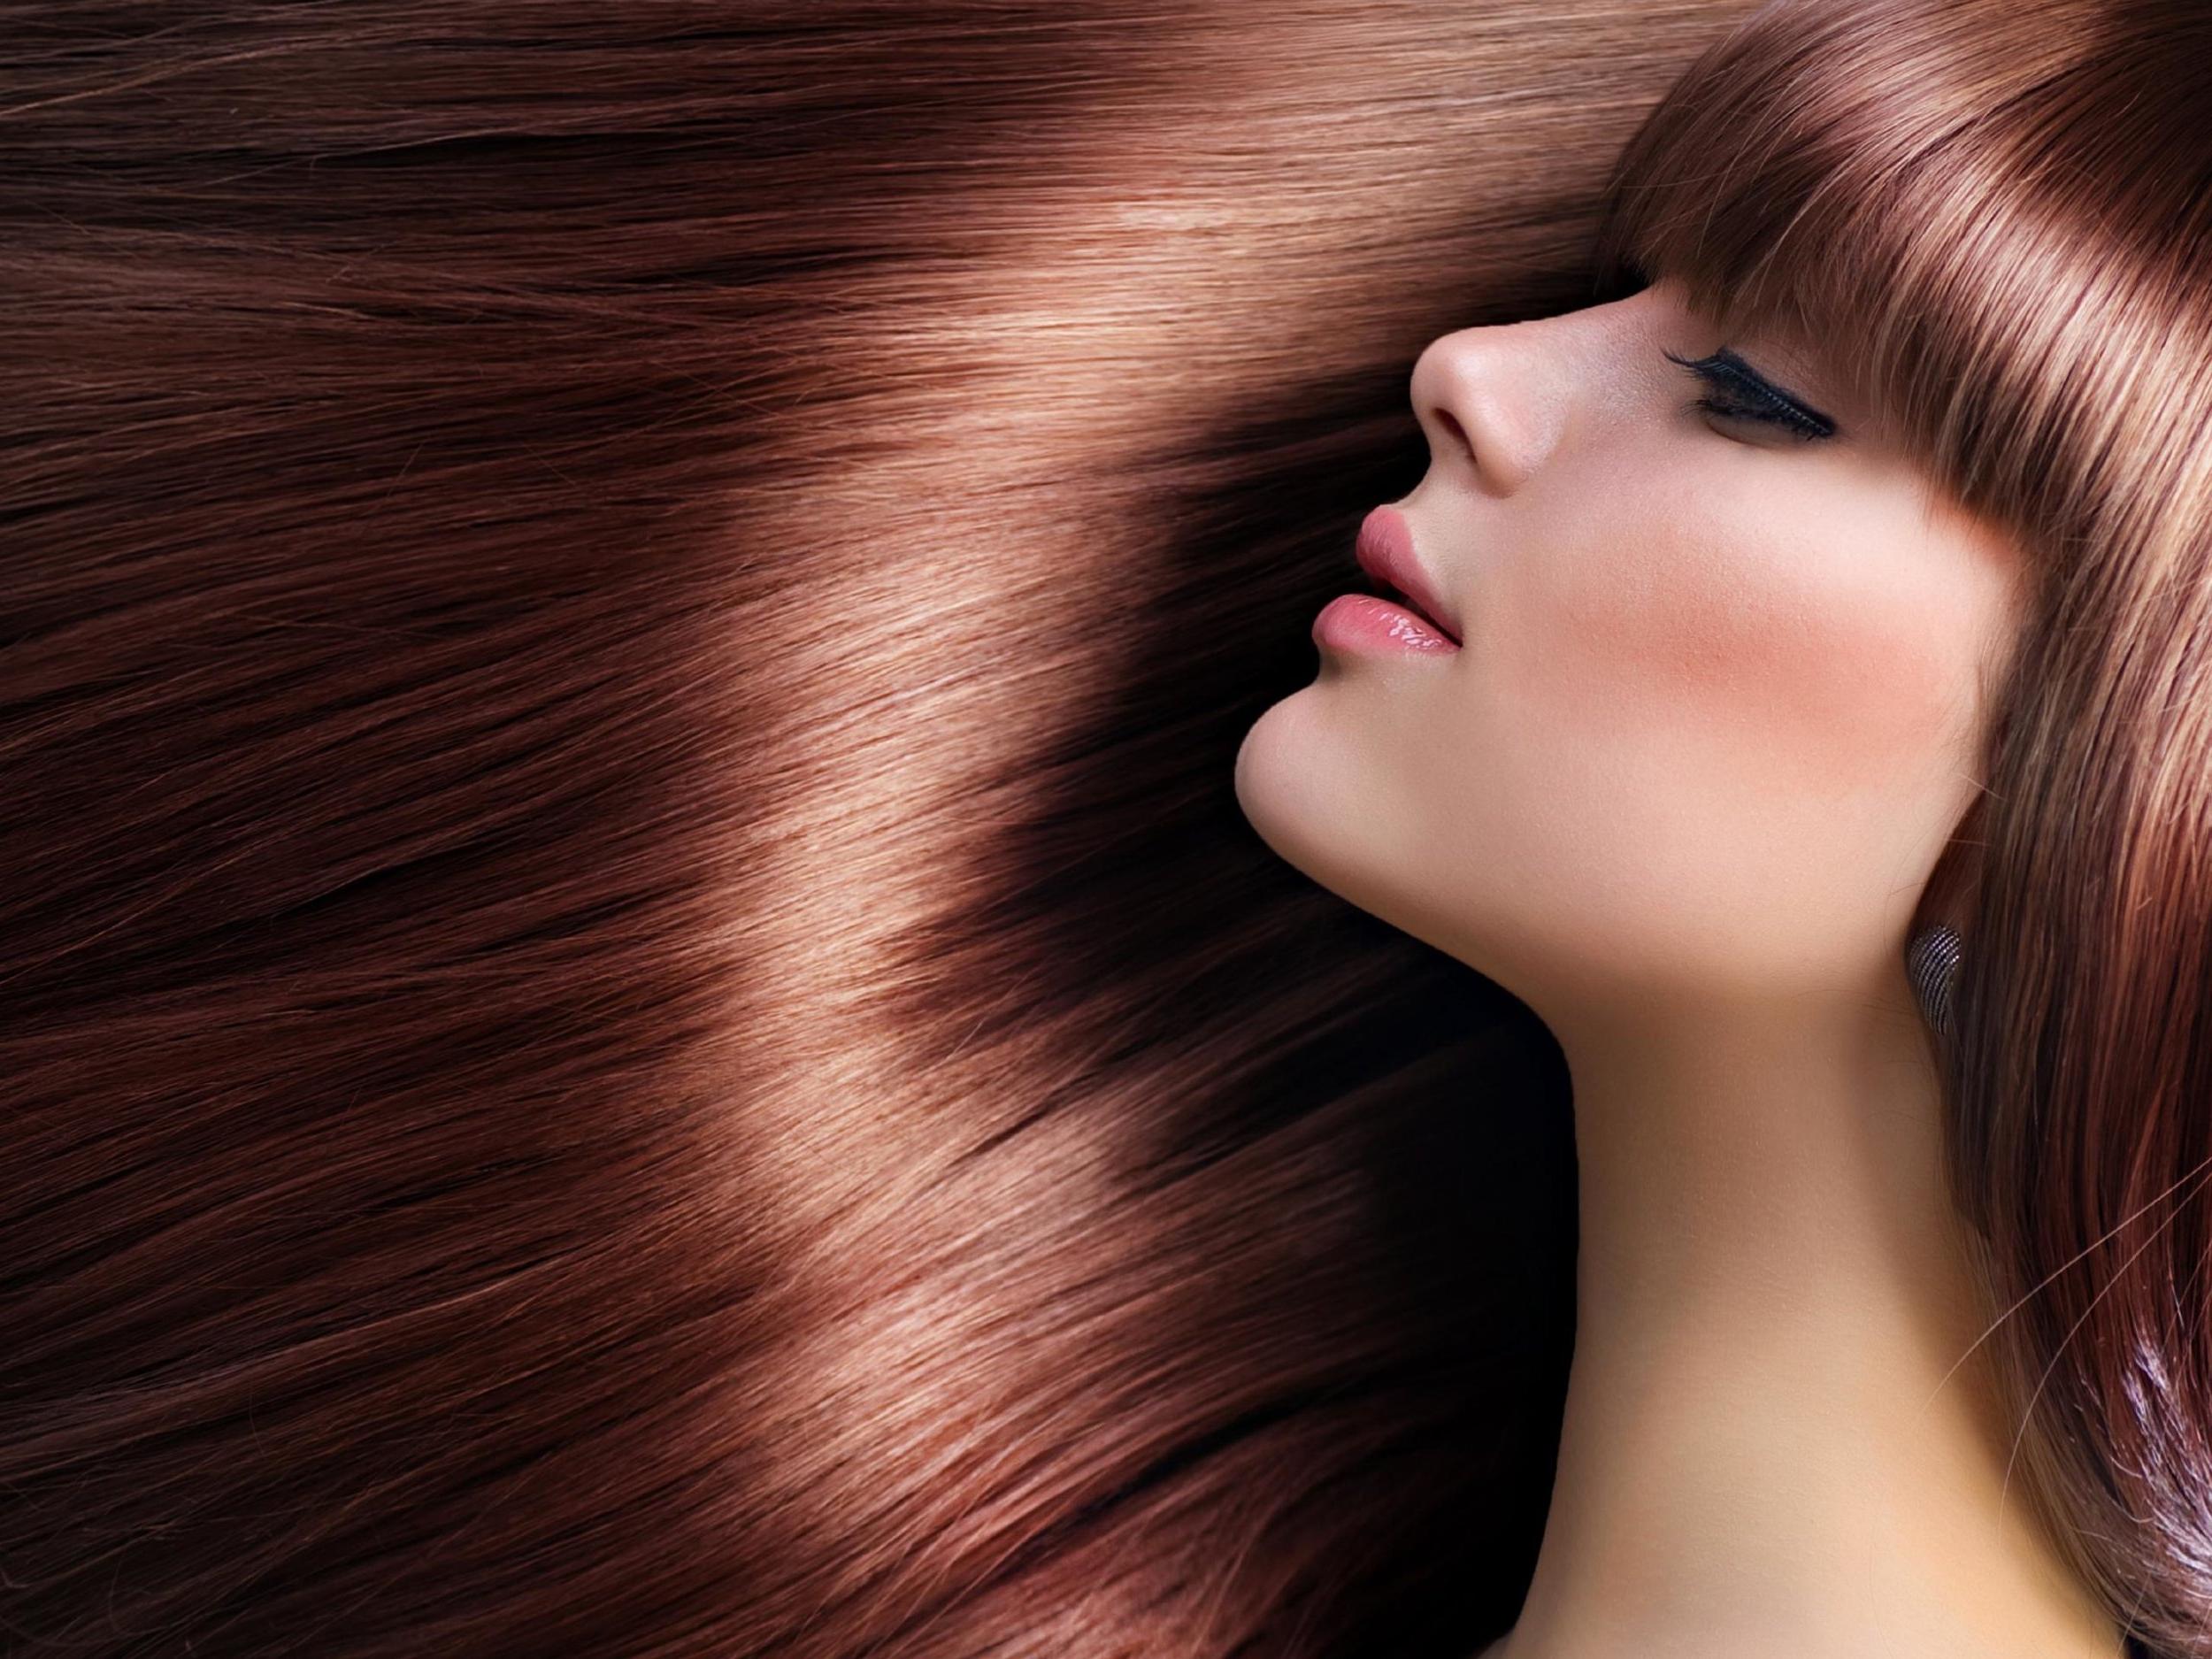 5833775-hair-wallpapers.jpg